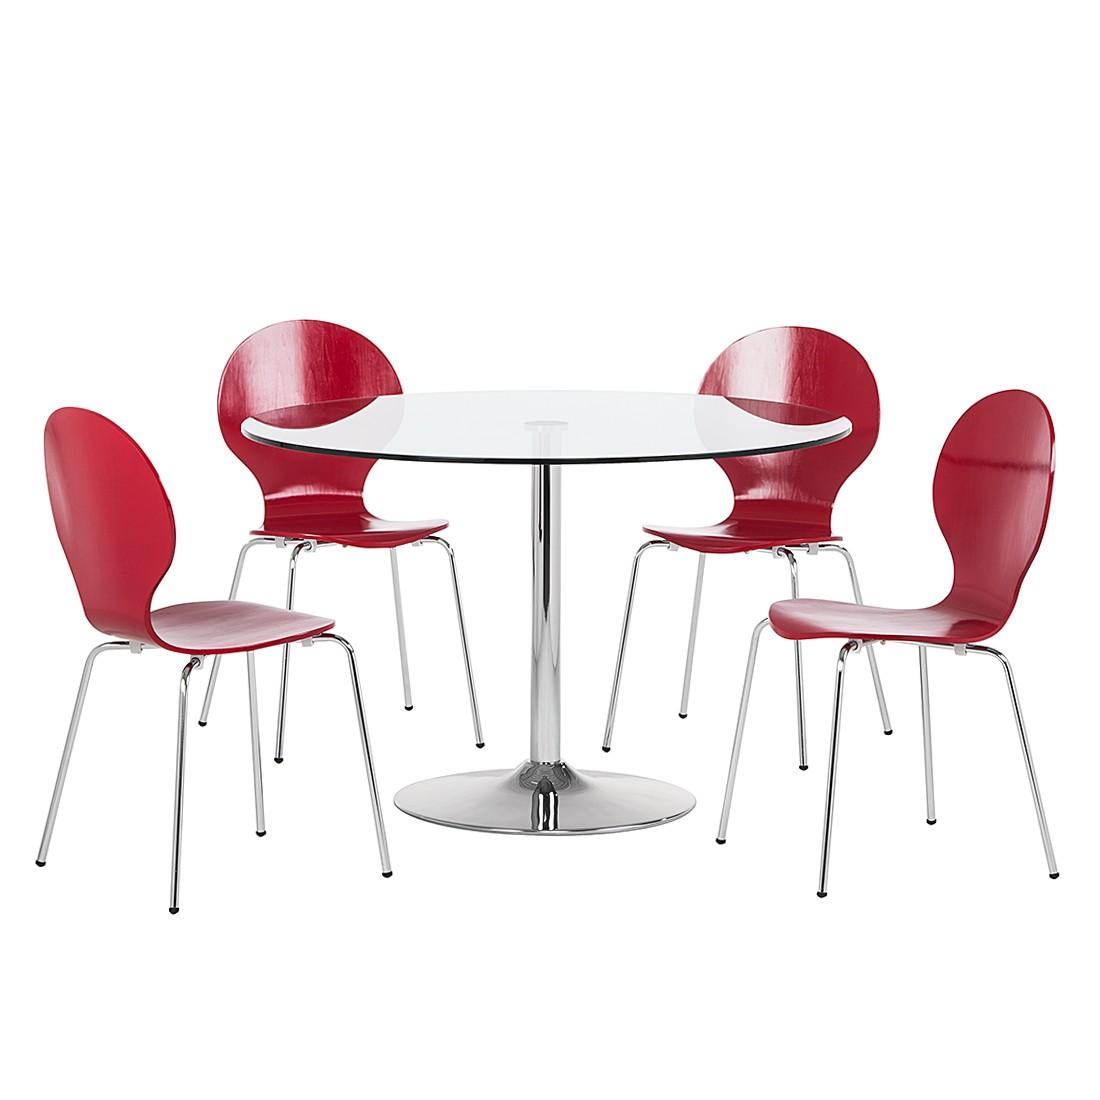 Essgruppe Bristol (5-teilig) – Glas/Chrome/Formholz Rot, Fredriks jetzt bestellen